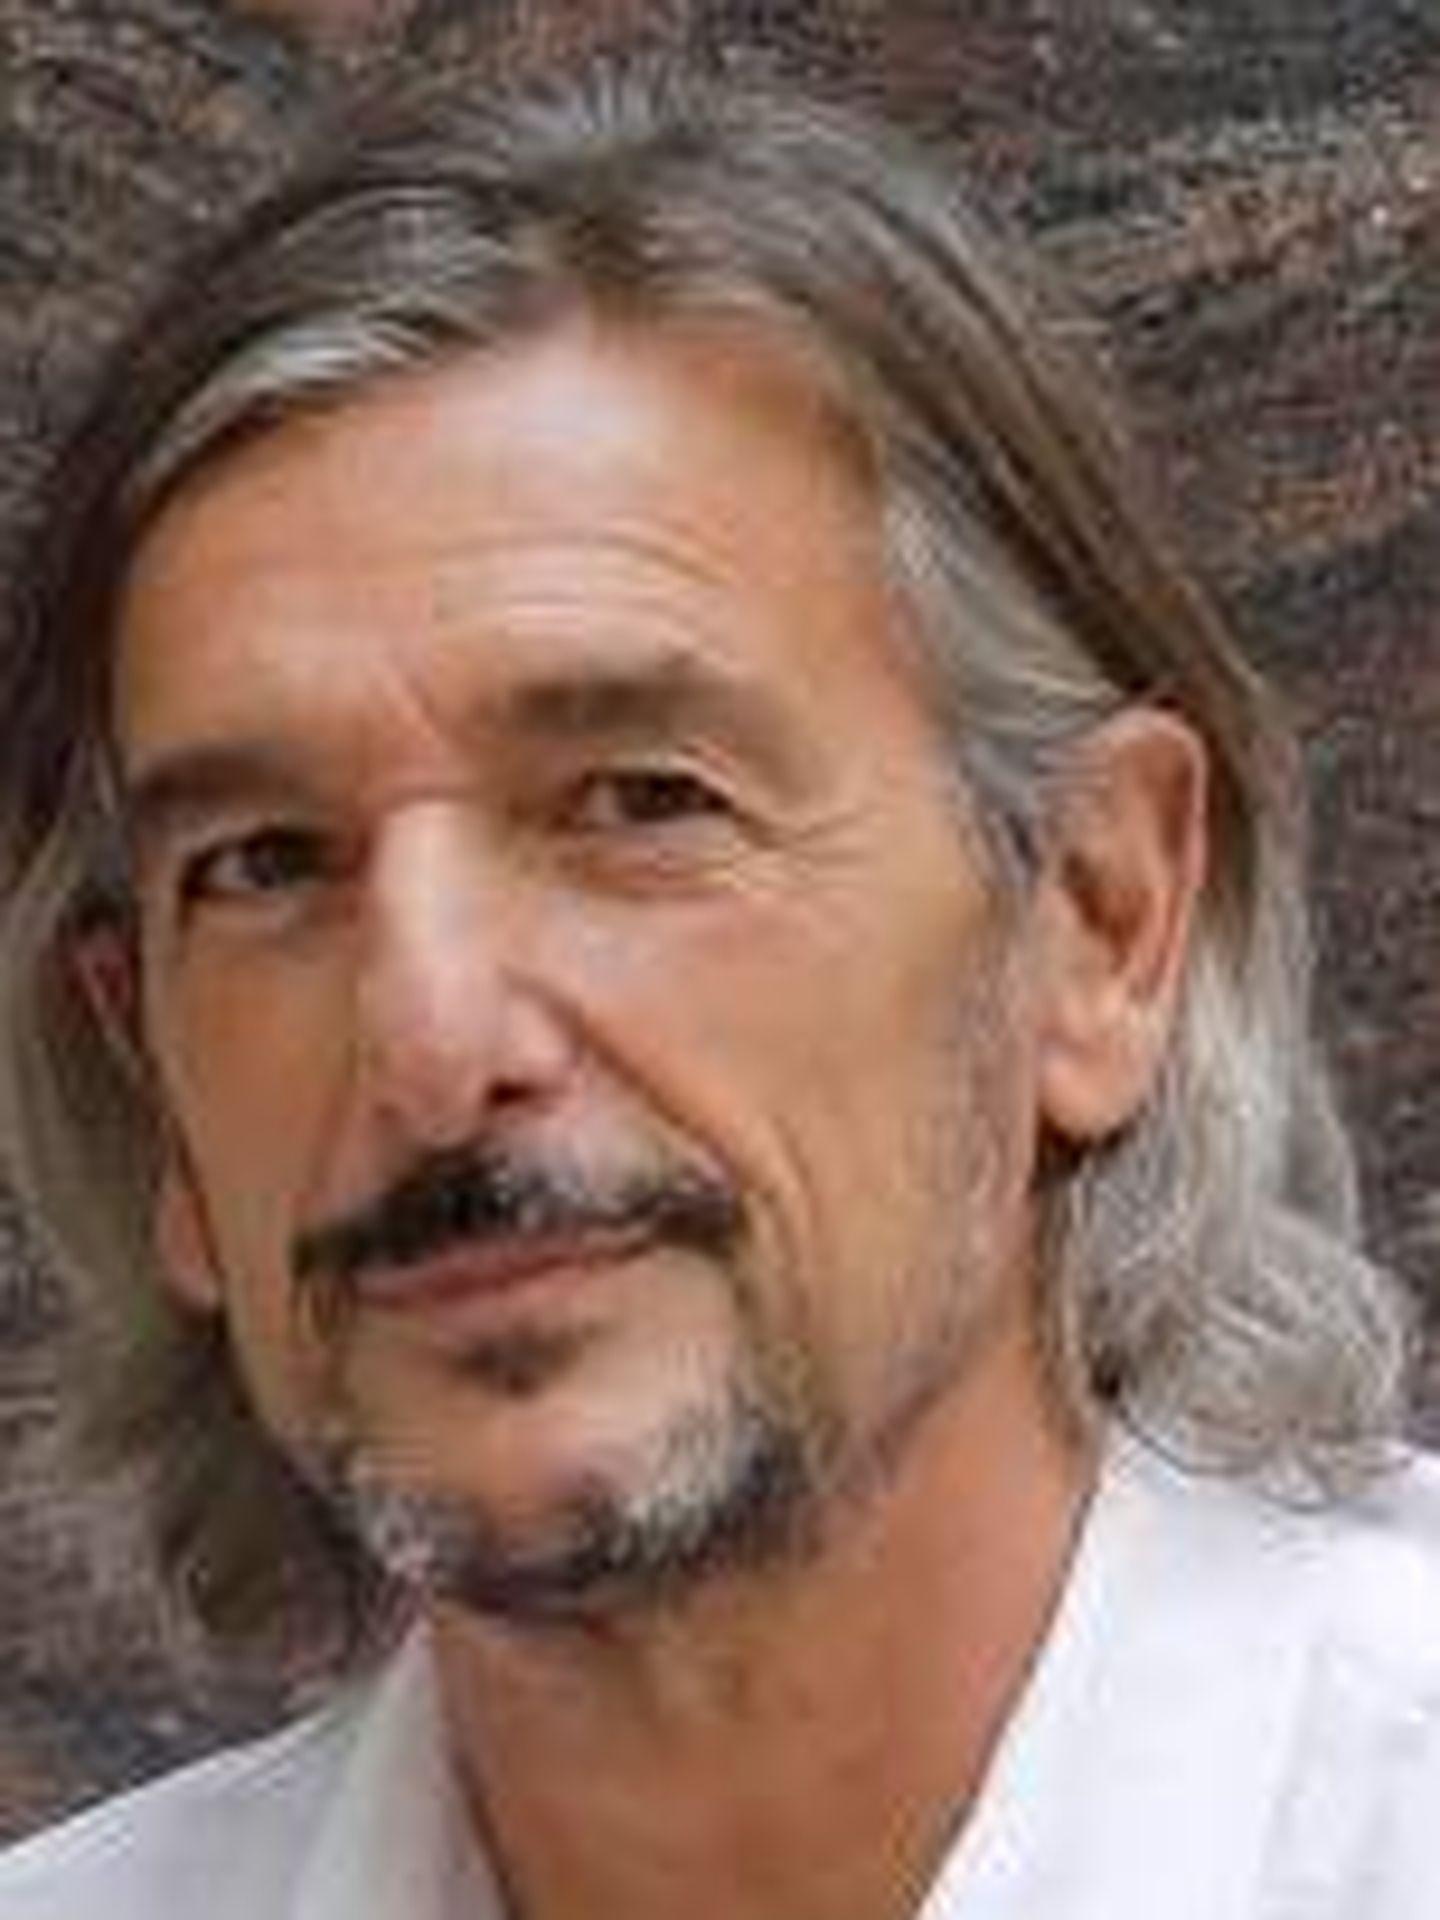 El crítico de El Cultural Ignacio Echevarría